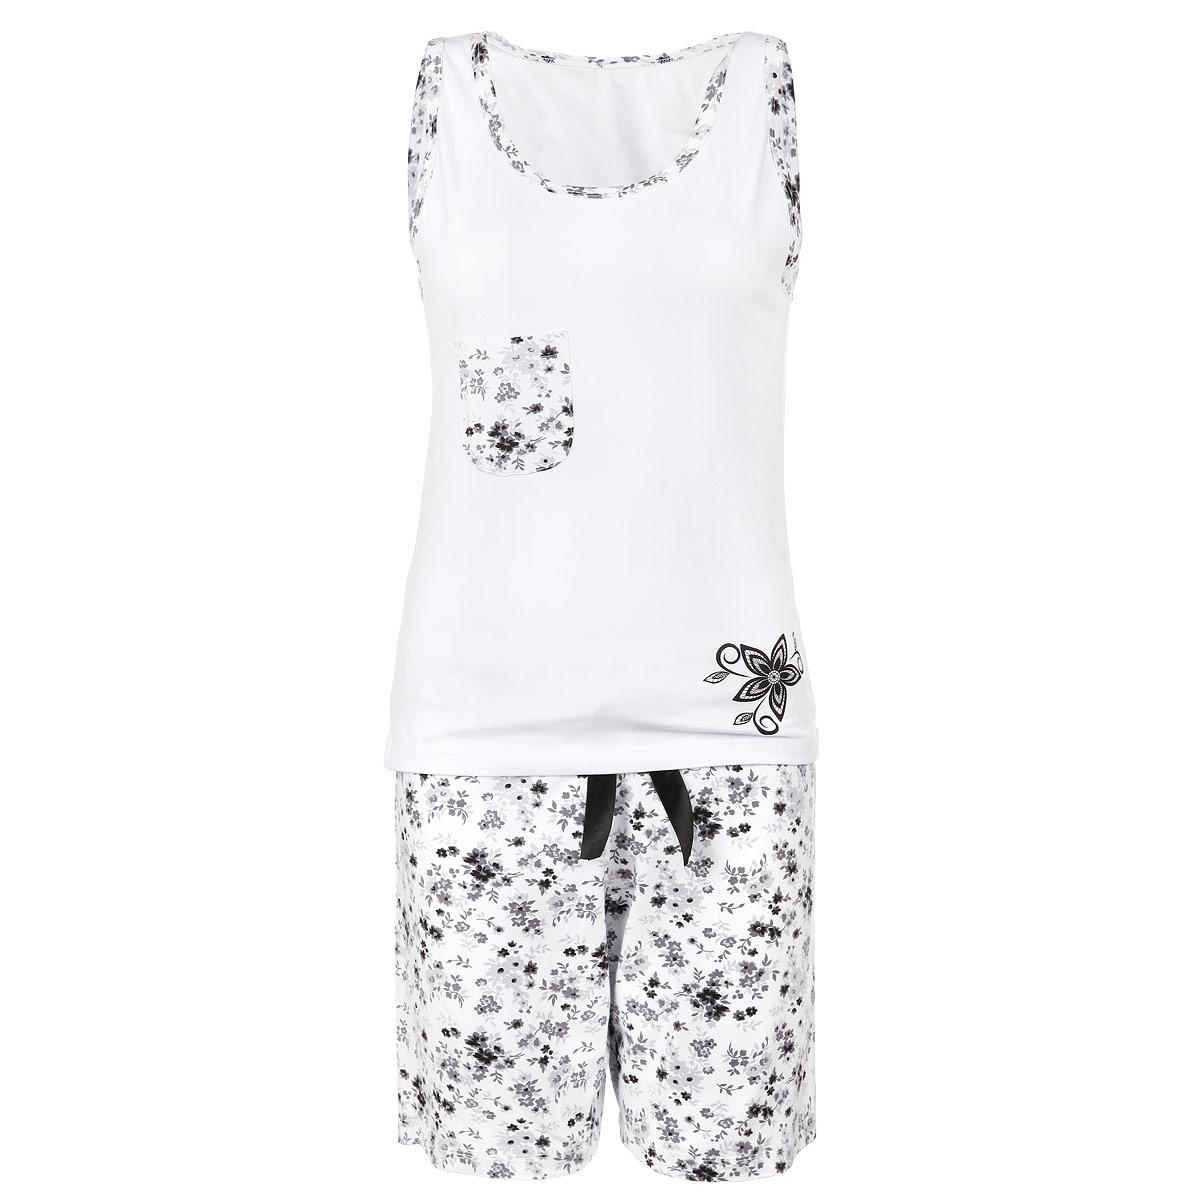 Пижама женская. 637637Женская пижама Milana Style состоит из майки и шортиков. Пижама выполнена из приятного на ощупь хлопкового материала. Майка и шорты не сковывают движения и позволяют коже дышать. Майка прямого кроя с круглым вырезом горловины, без рукавов на груди оформлена накладным кармашком и контрастным принтом, расположенным в нижней части изделия. Свободные шорты на широкой эластичной резинке оформлены цветочным принтом и атласным бантиком на талии. Идеальные конструкции и приятное цветовое решение - отличный выбор на каждый день. В такой пижаме вам будет максимально комфортно и уютно.